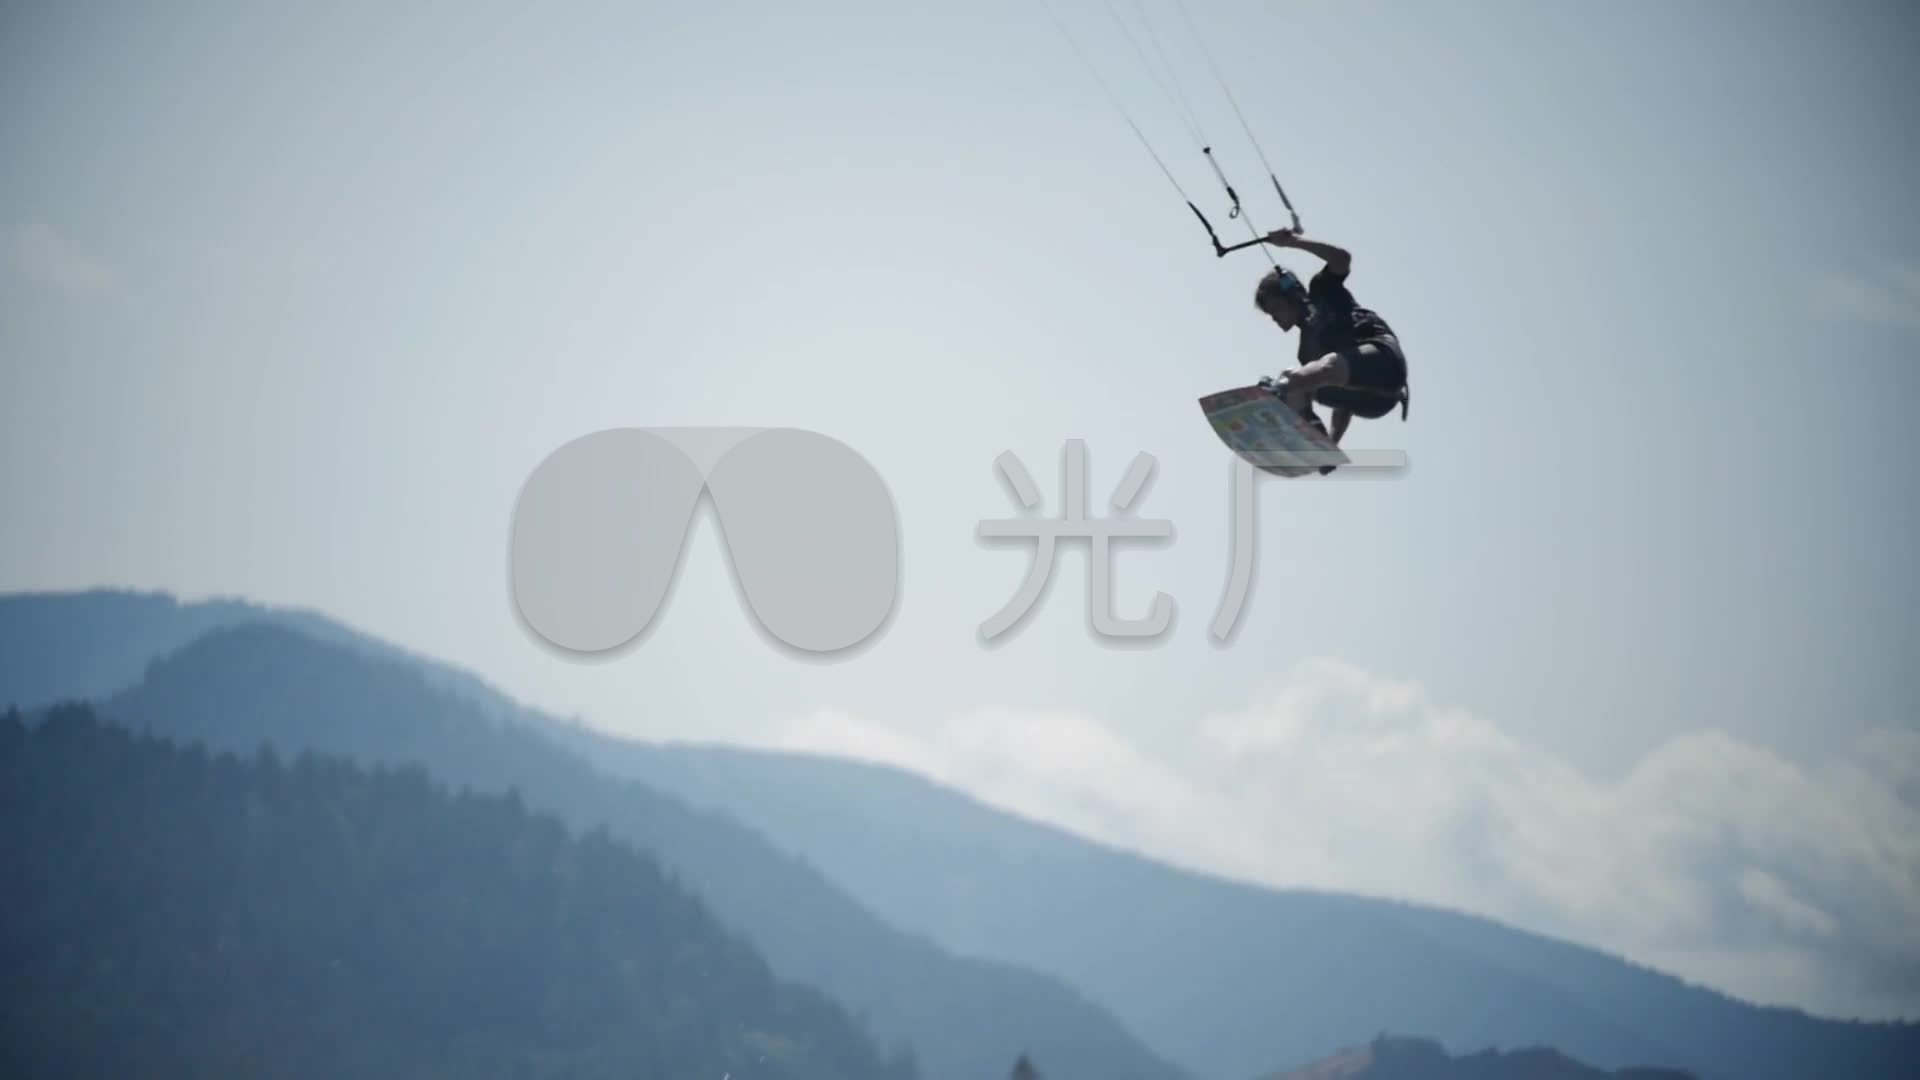 酷炫冲浪贴膜摩托艇升格v贴膜_1920X1080_高滑板视频6p图片